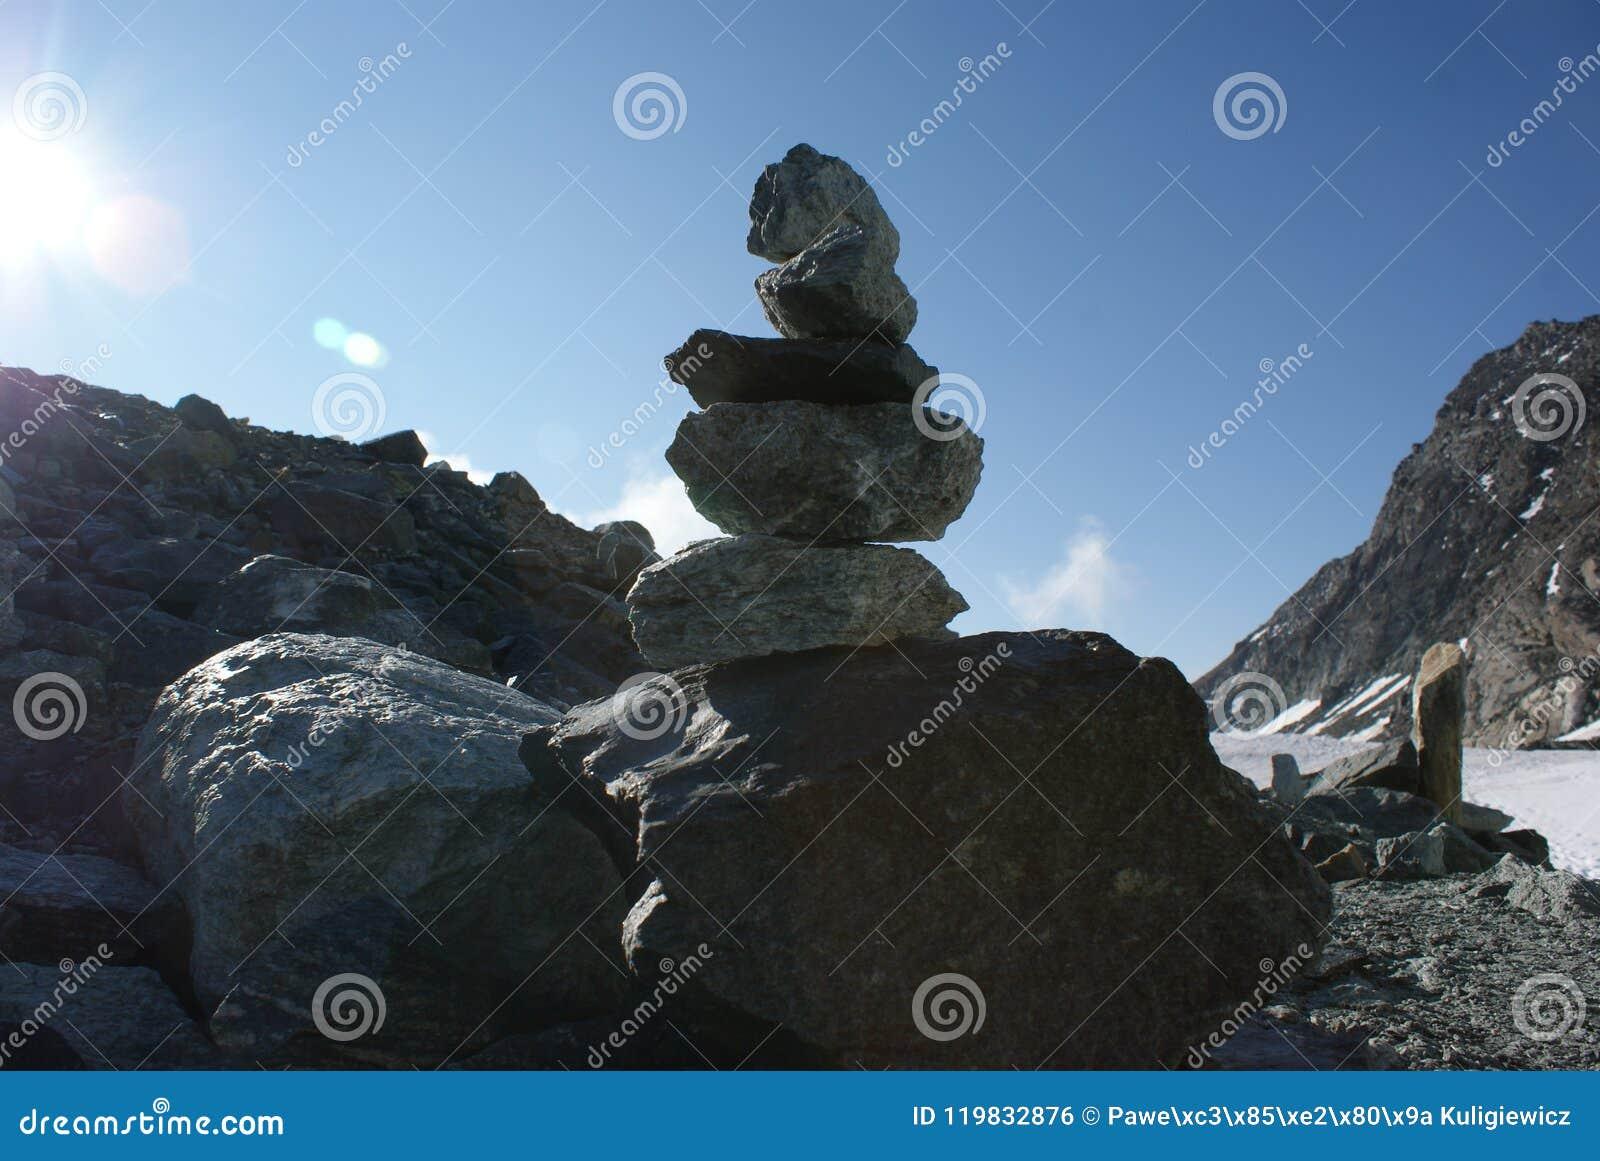 夏天在瑞士阿尔卑斯-杜富尔峰,铸工, Polux,马塔角-高山冰川